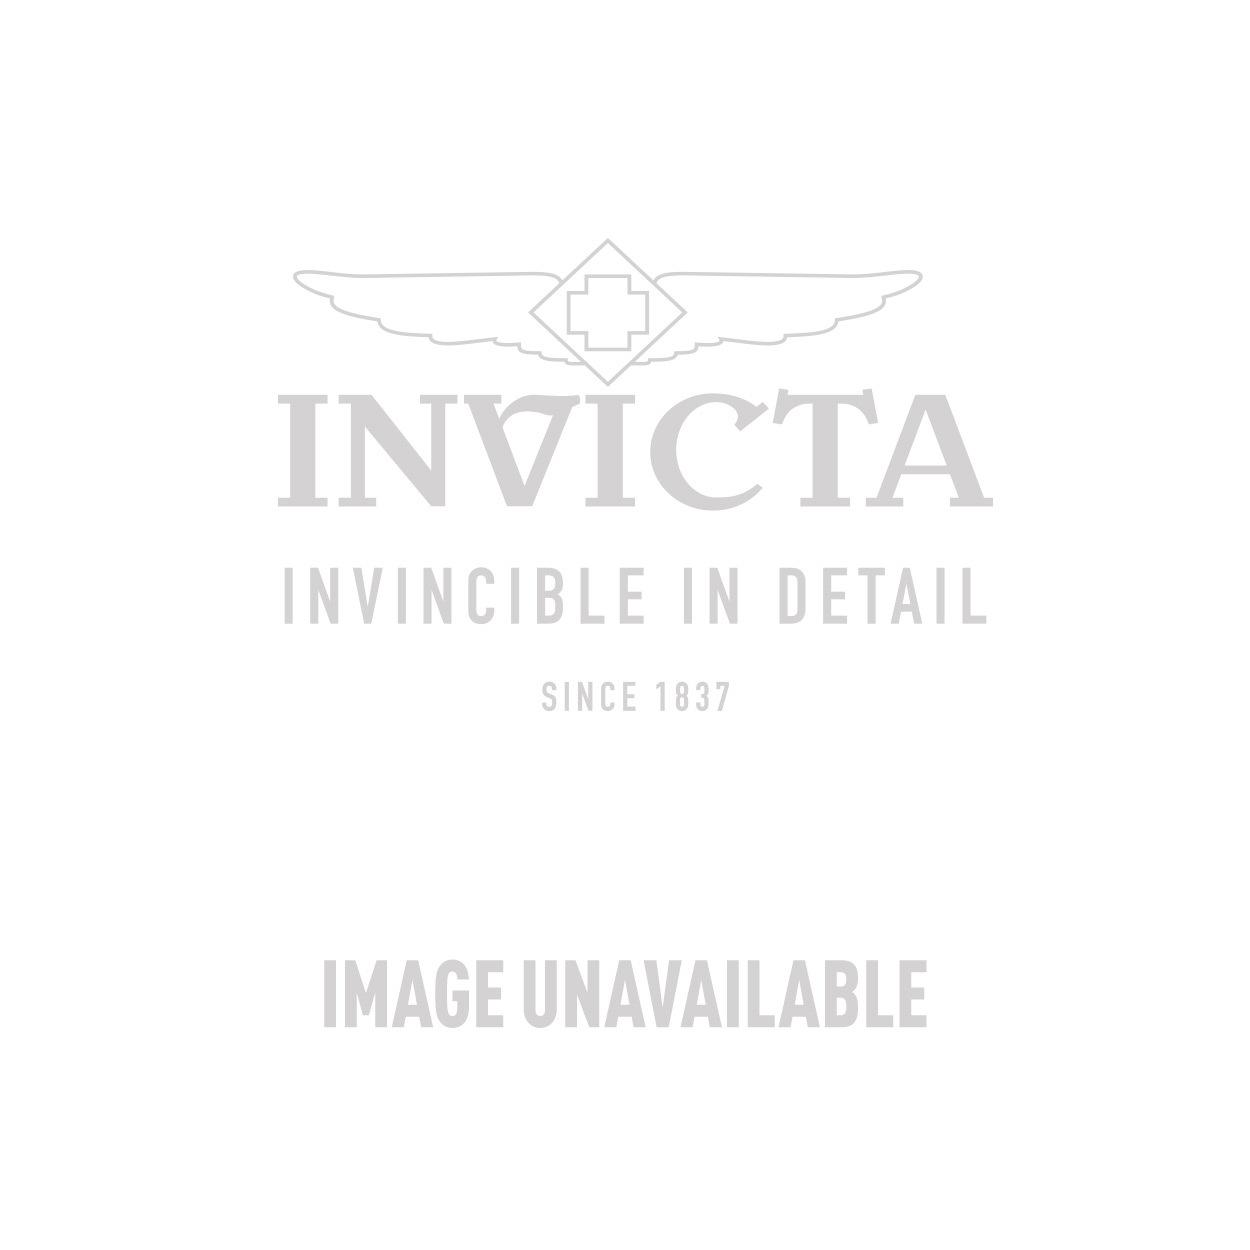 Invicta Model 28180